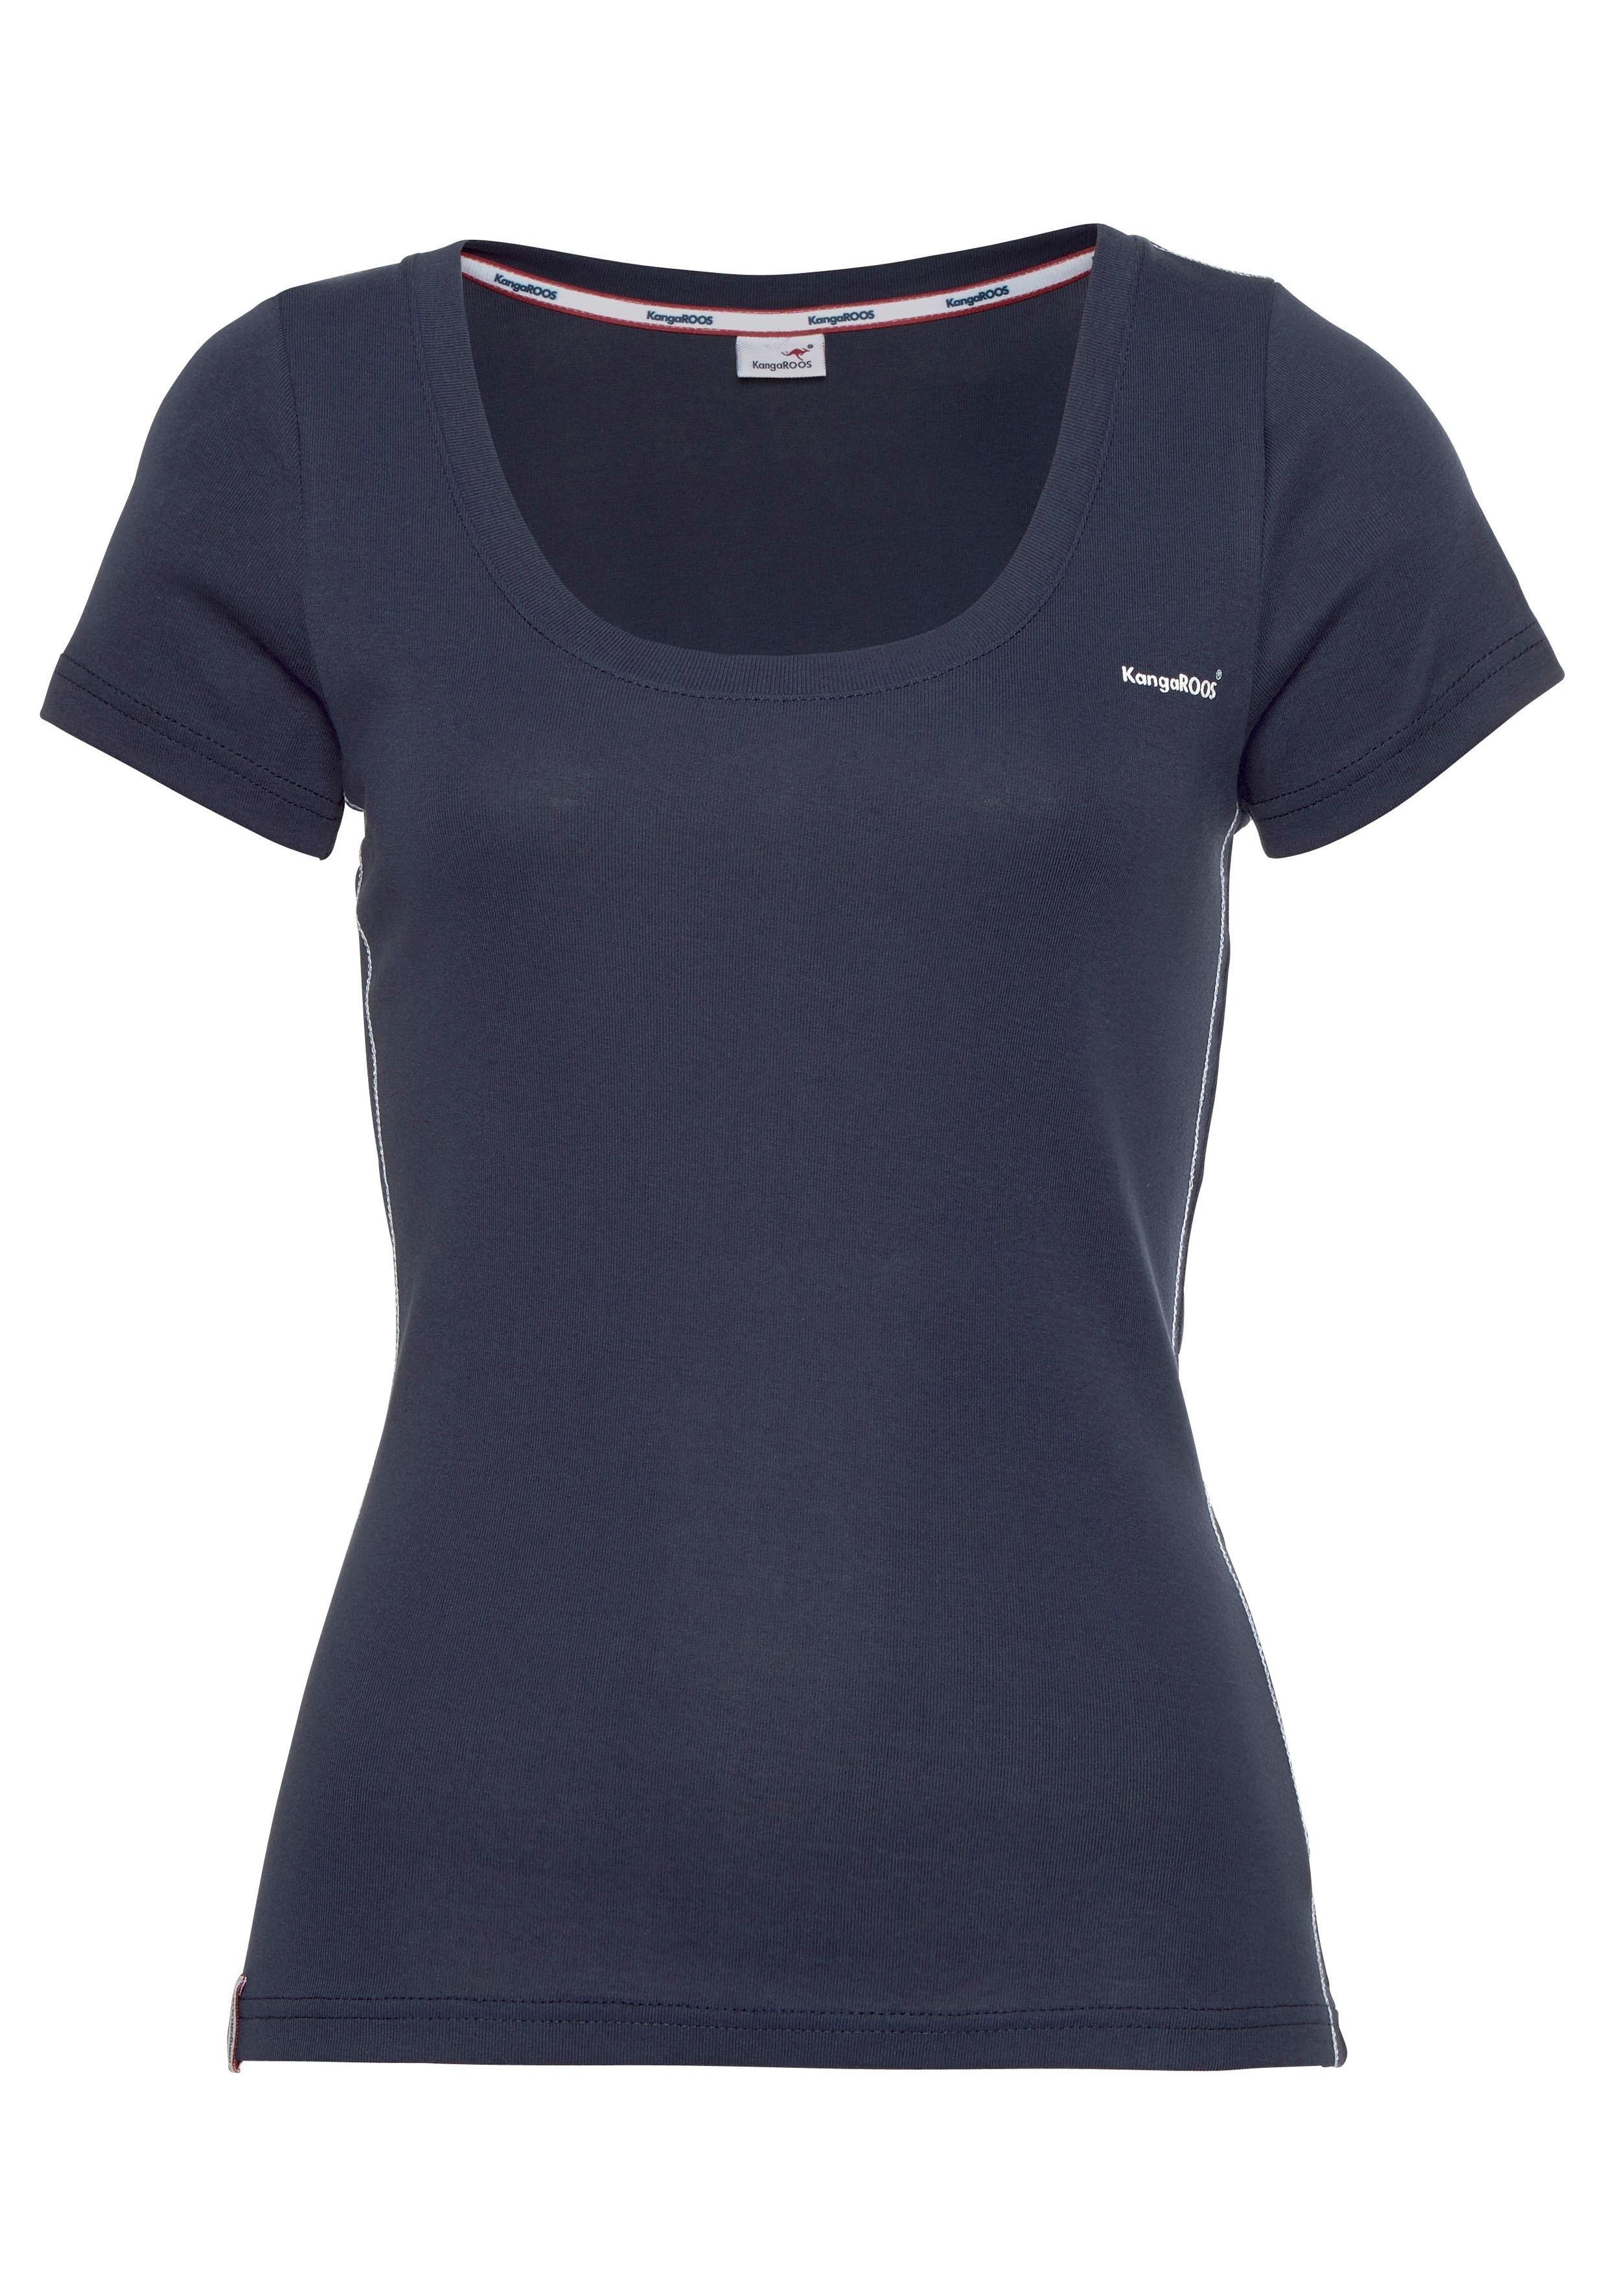 Van 2Nu shirtset Bestellen Online Kangaroos T lcFTK31J